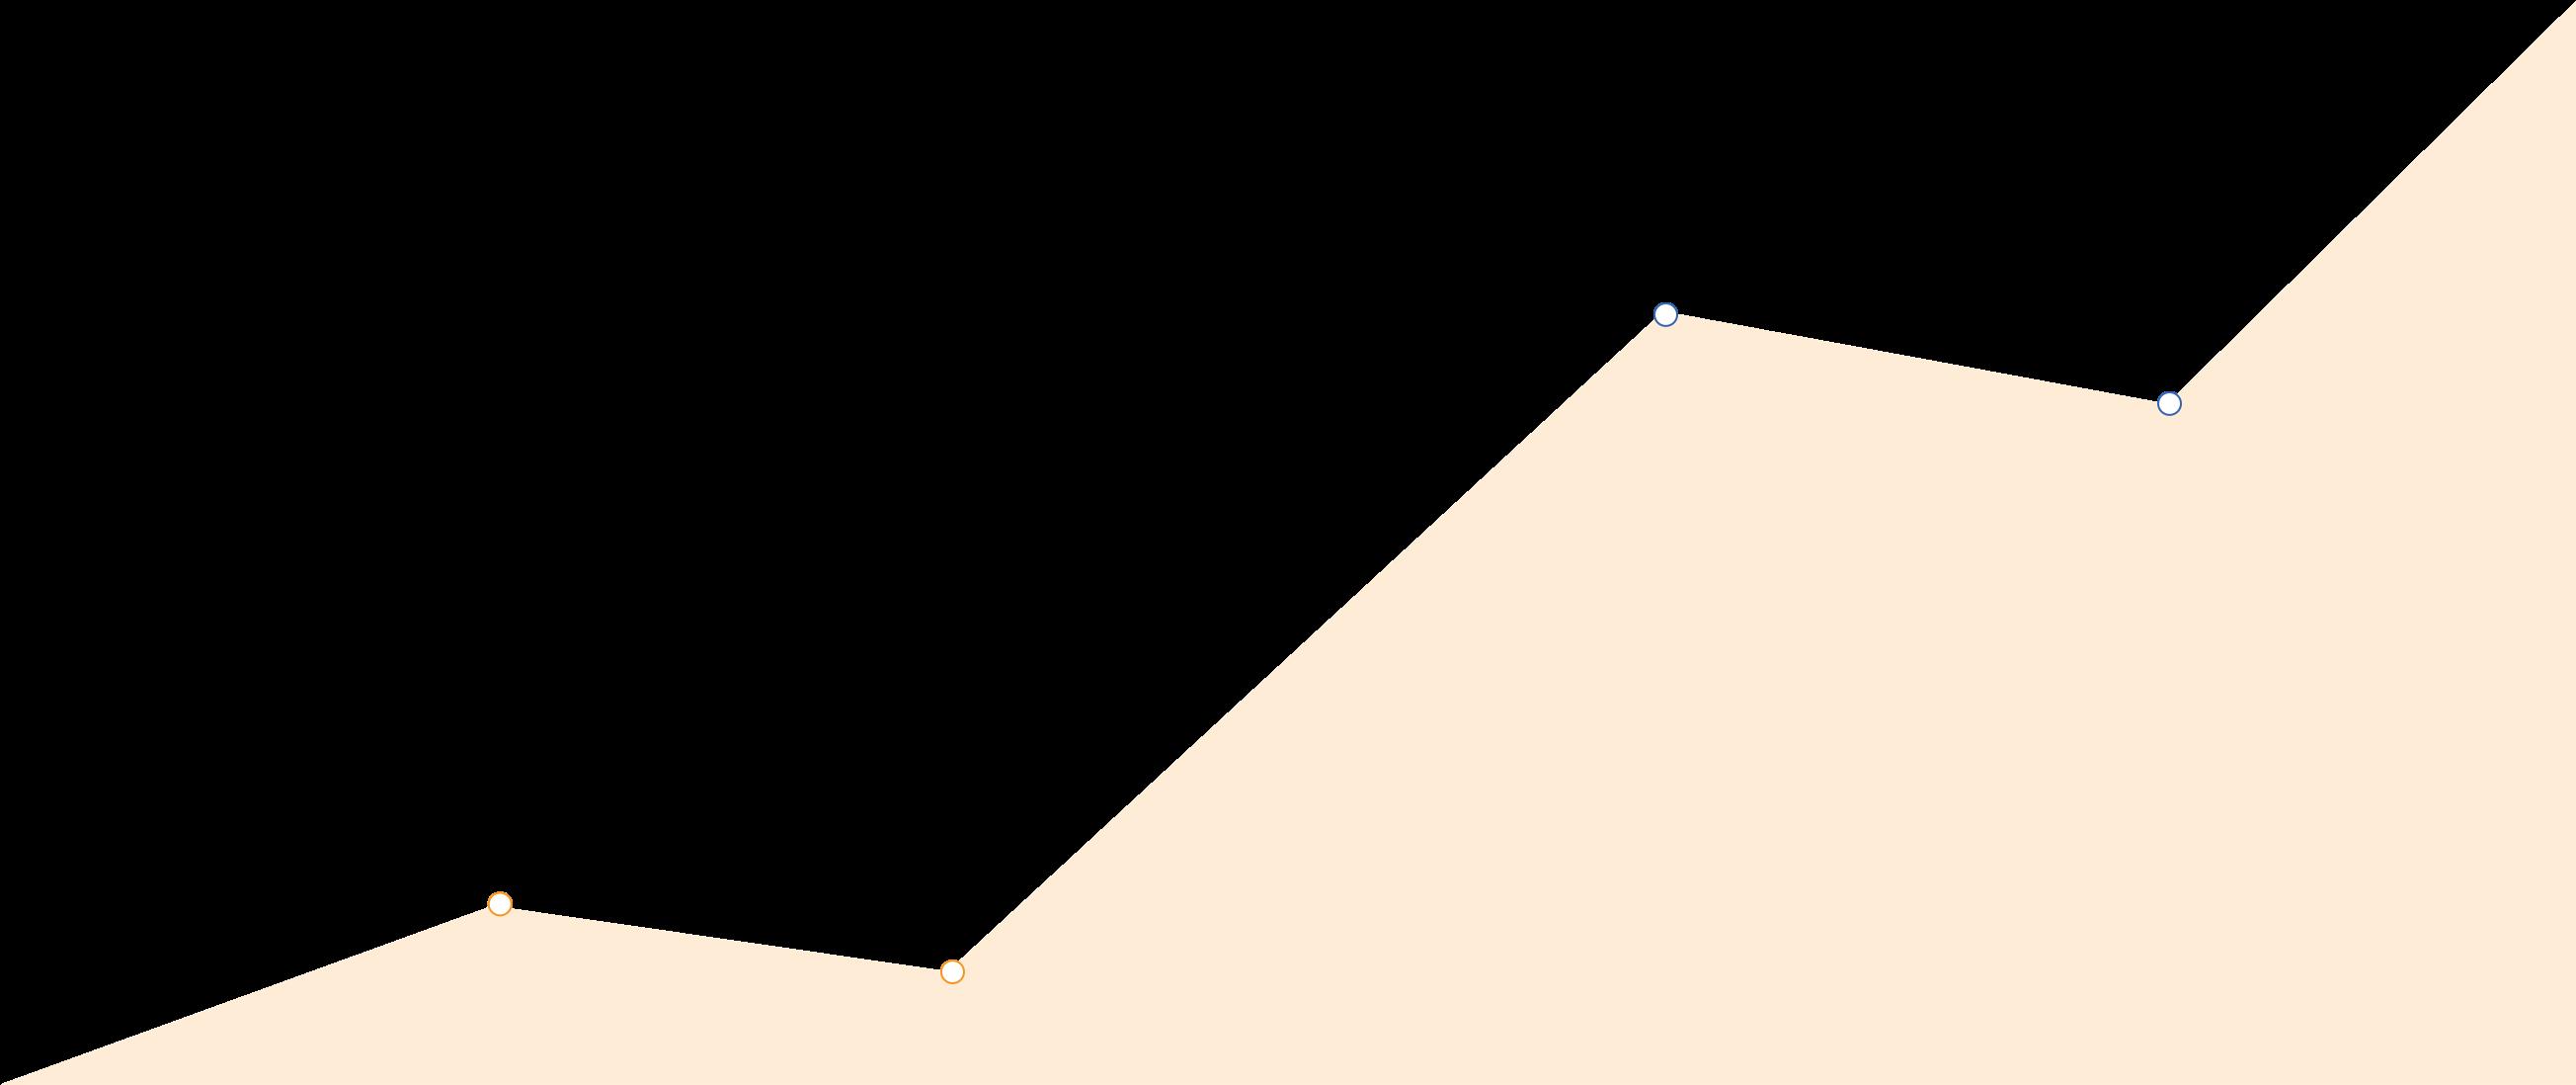 MudShark background Graphic